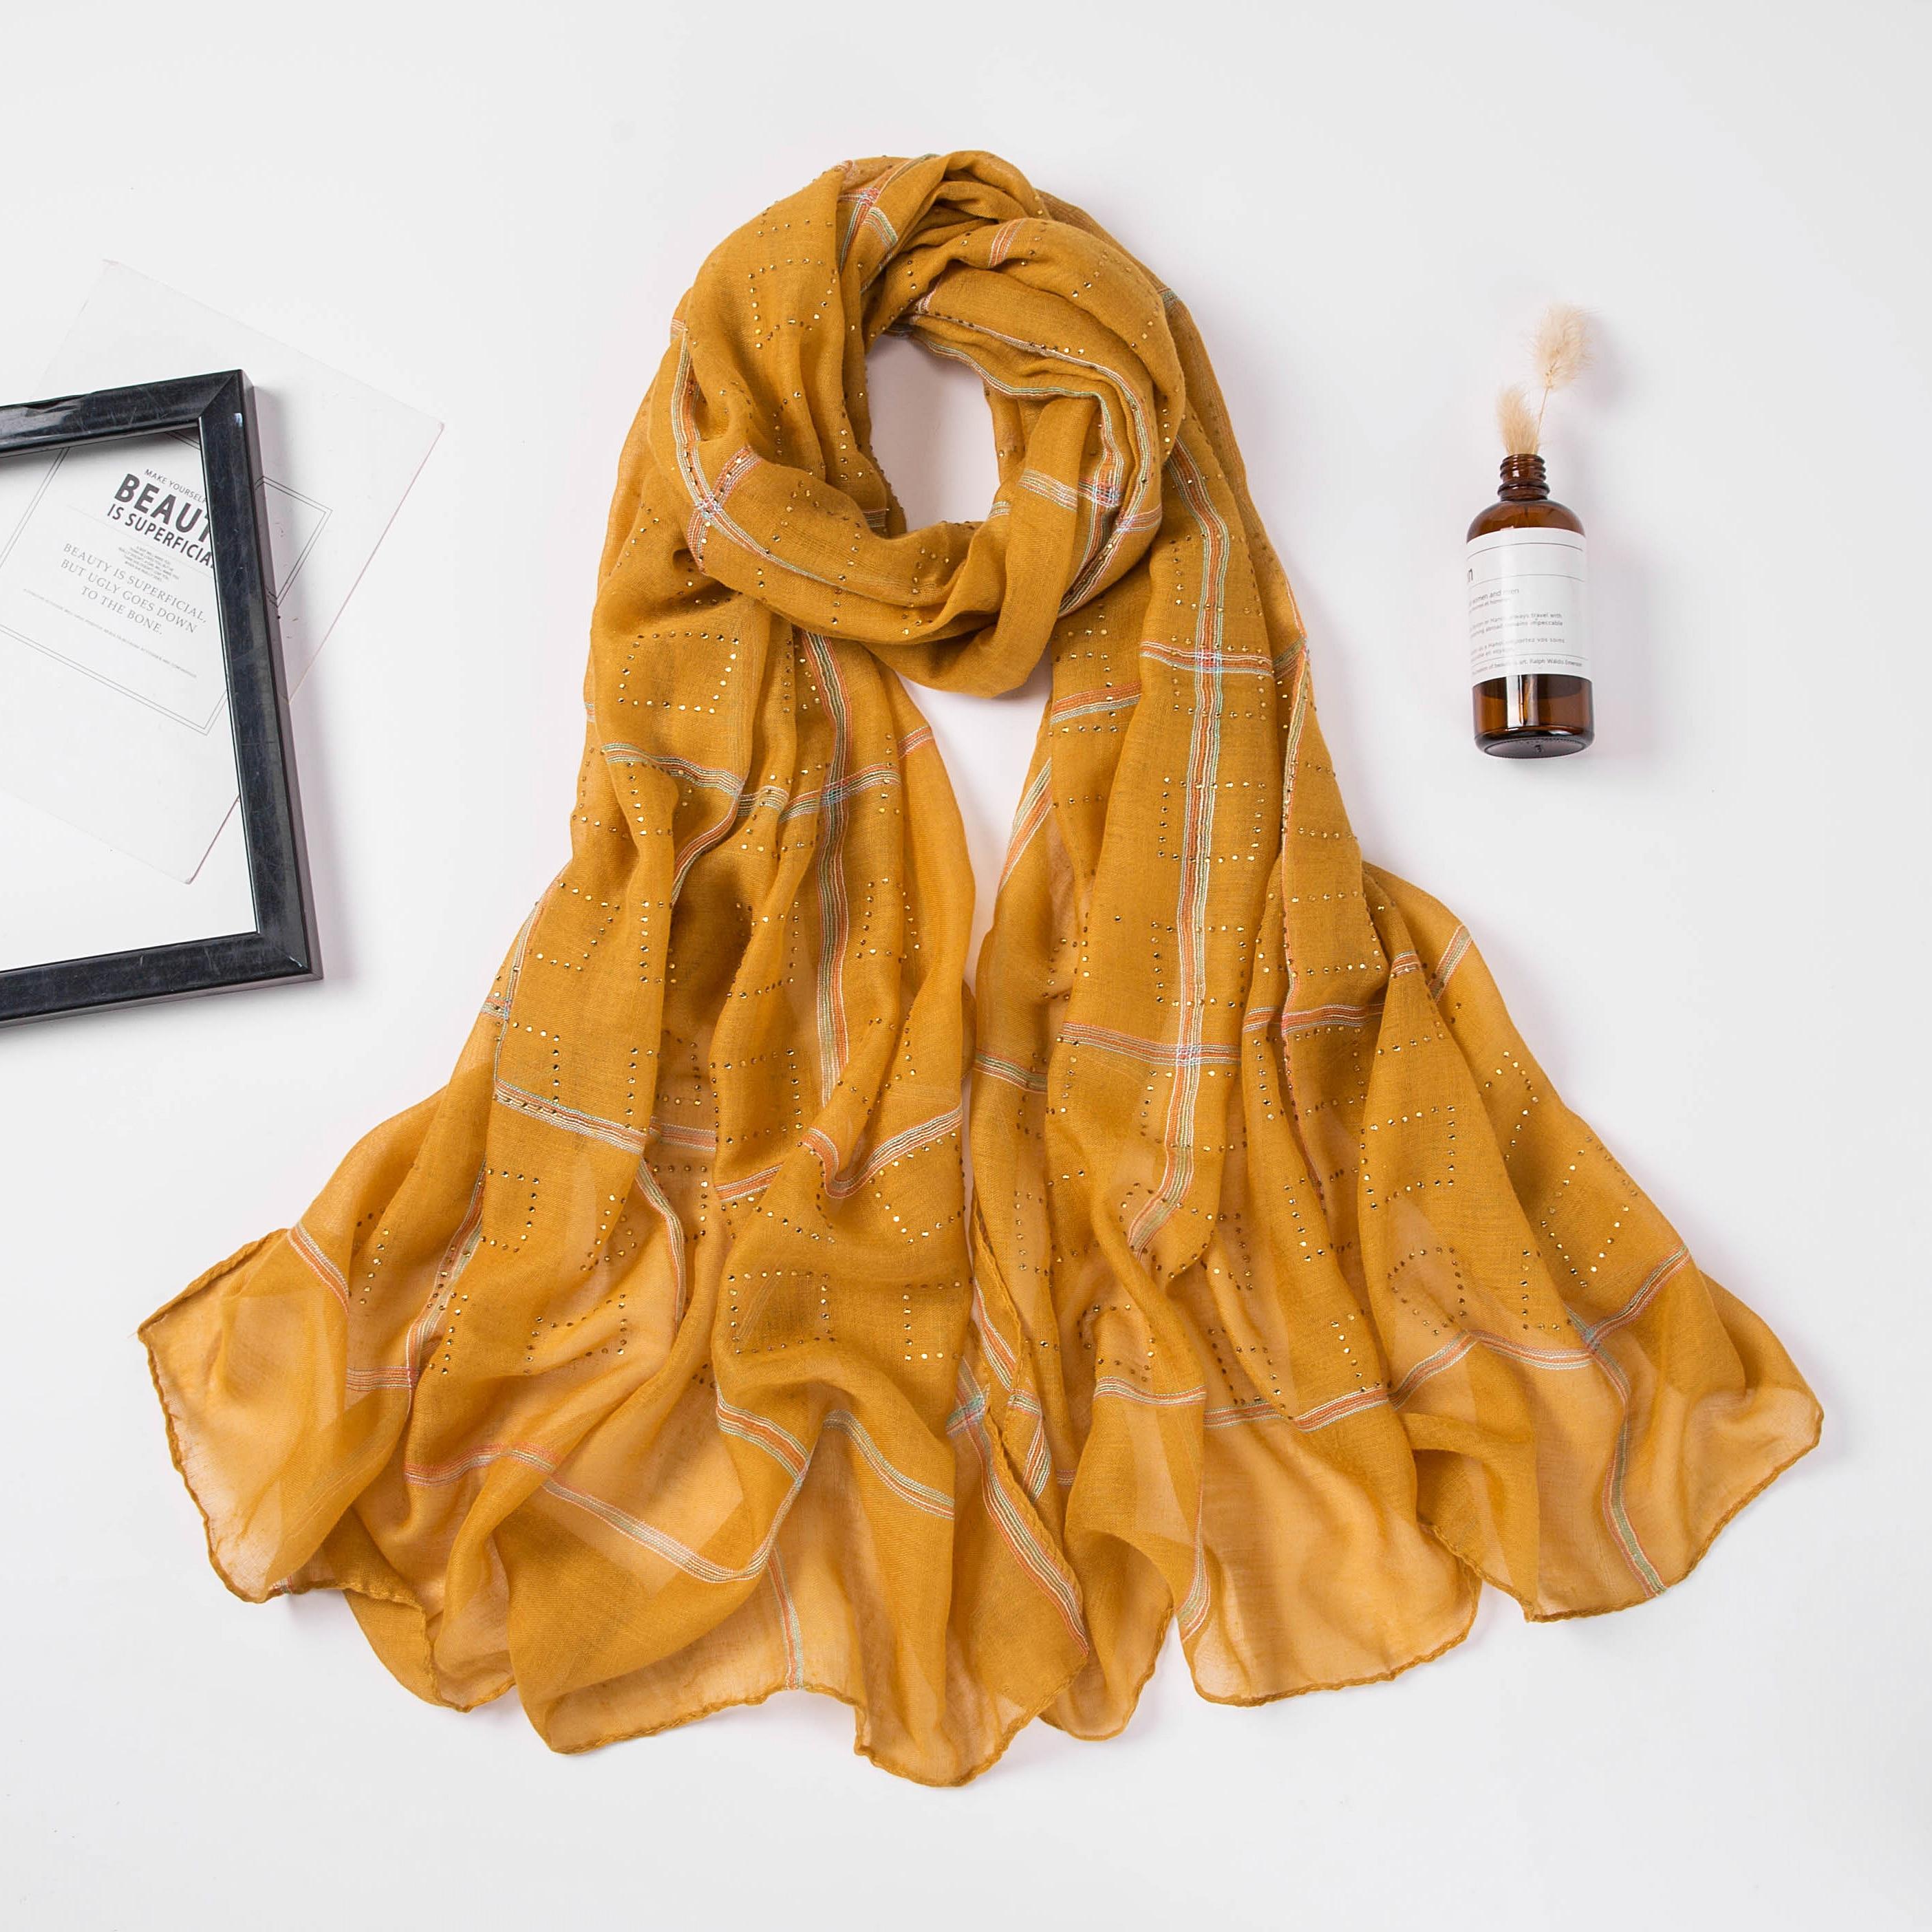 Image 5 - 1 pc nouveau diamant écharpe coton doux hijab écharpe châle  brillant enveloppe Viscose femmes musulmanes foulard islamique hijab  châles et enveloppeFoulards